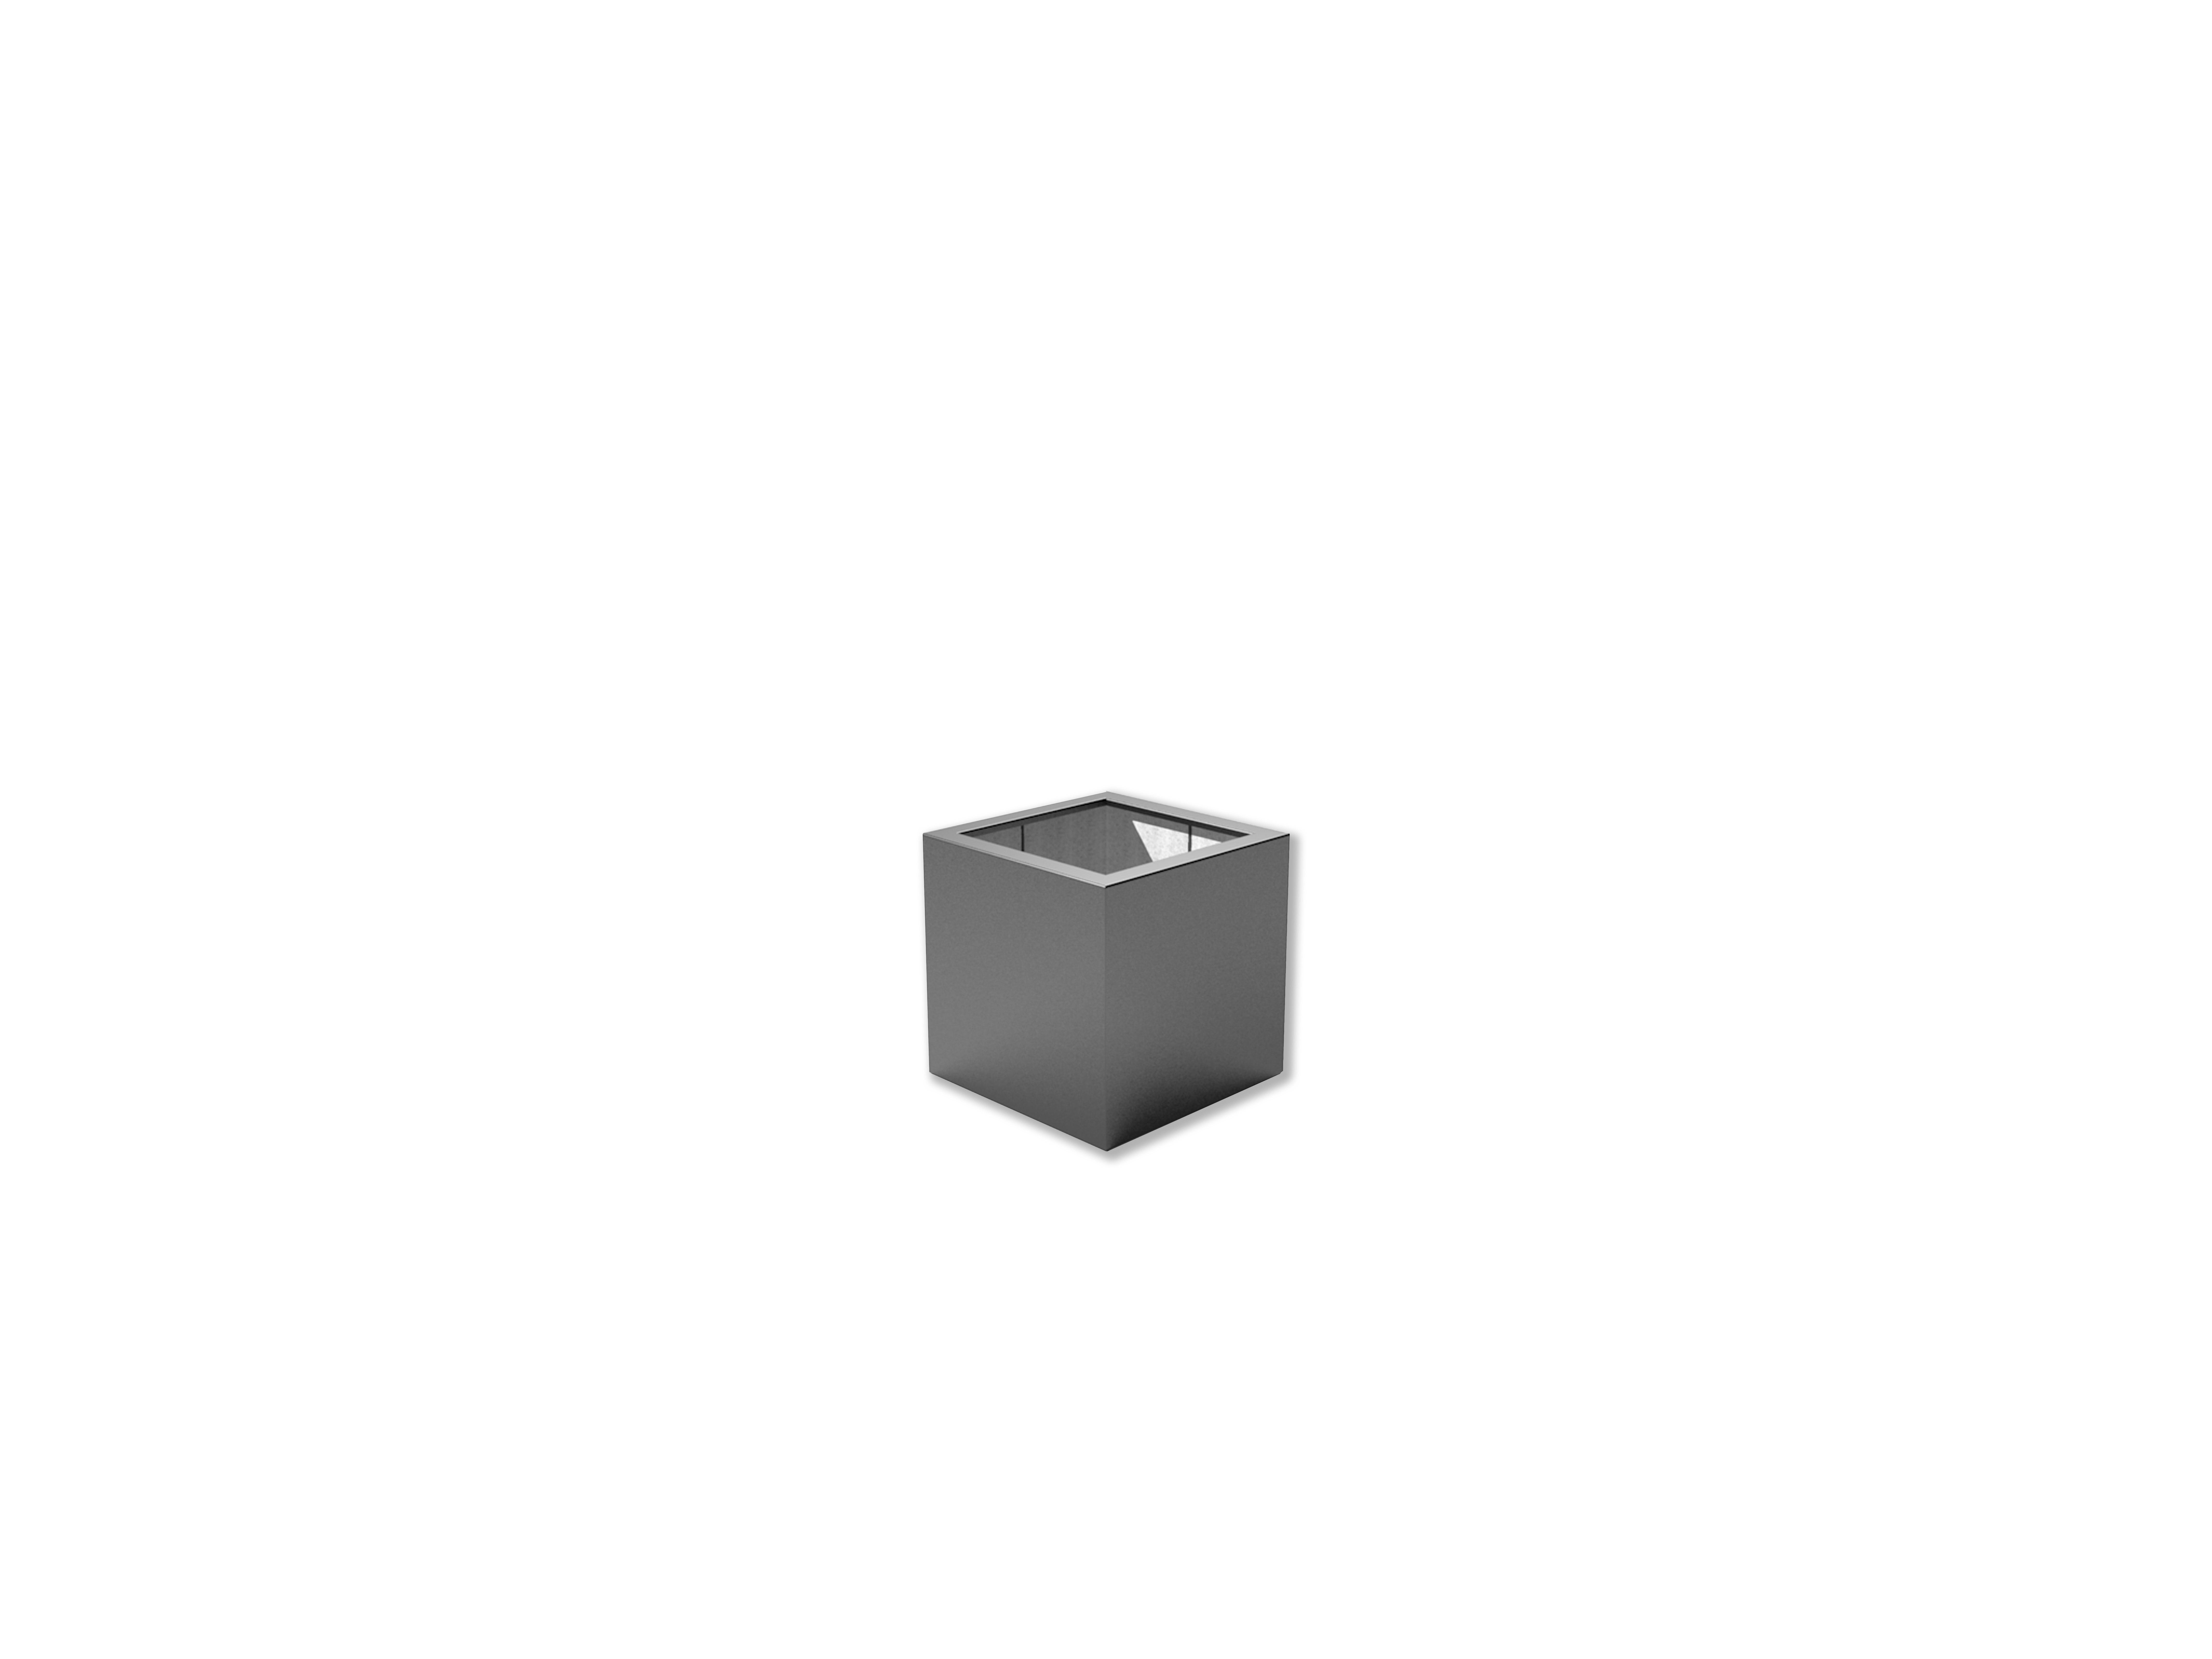 Adezz | Polyester bloembak Buxus | 60 x 60 x 60 cm | Antraciet